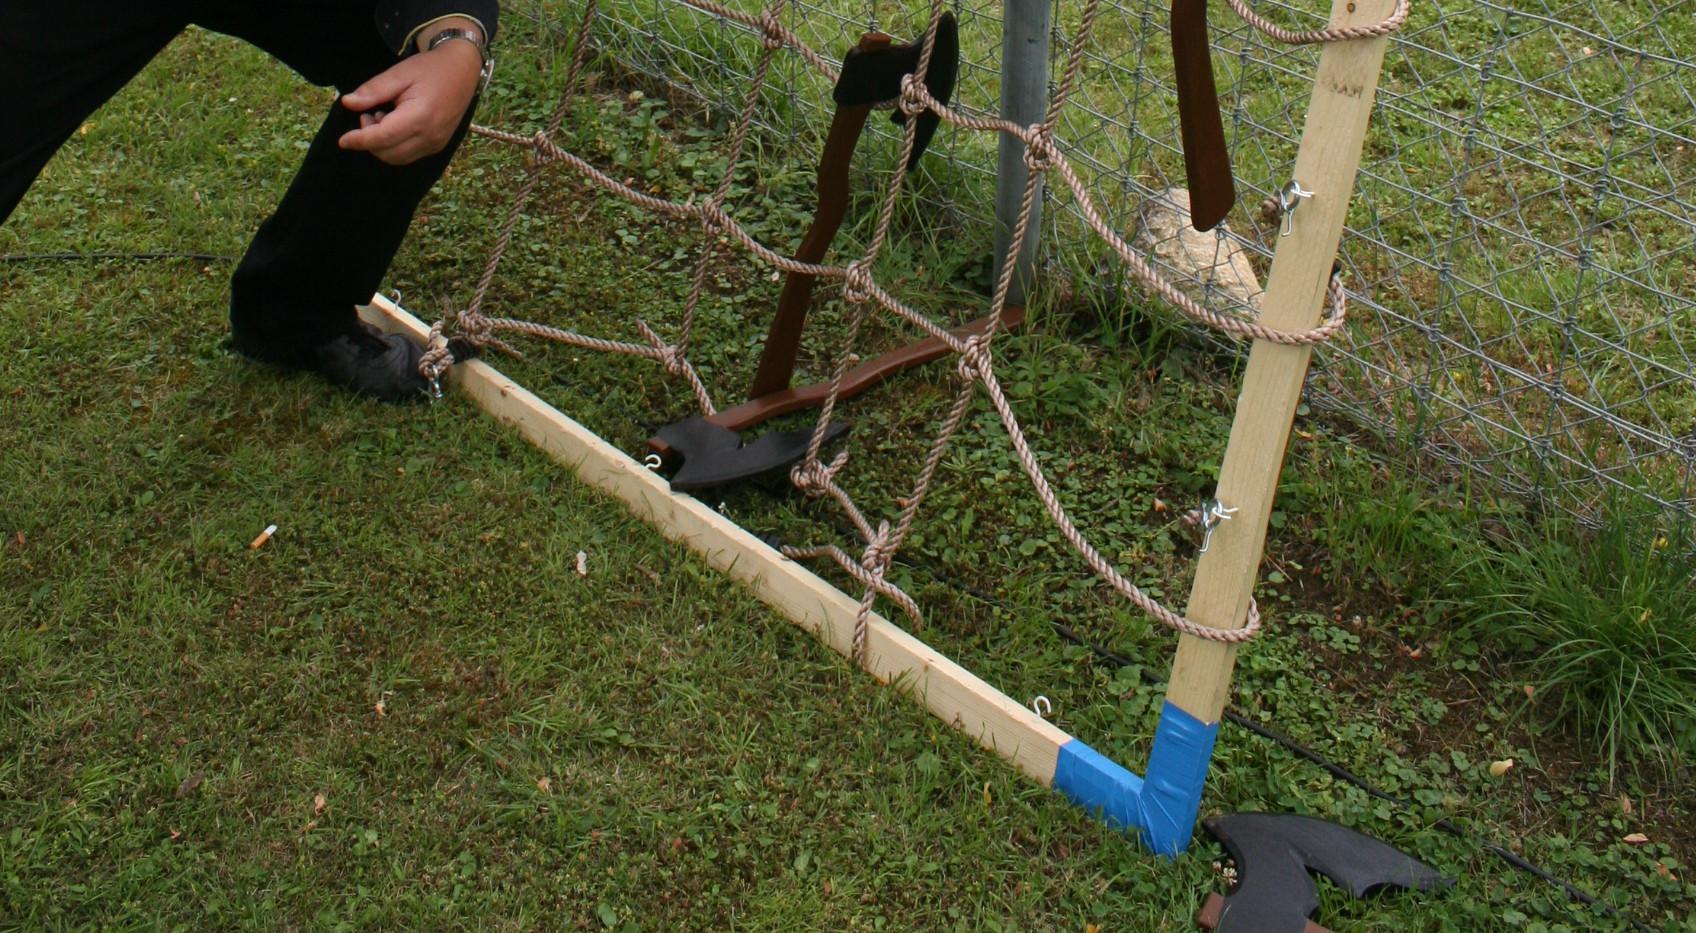 Holzaxt werfen (ungefährlich)